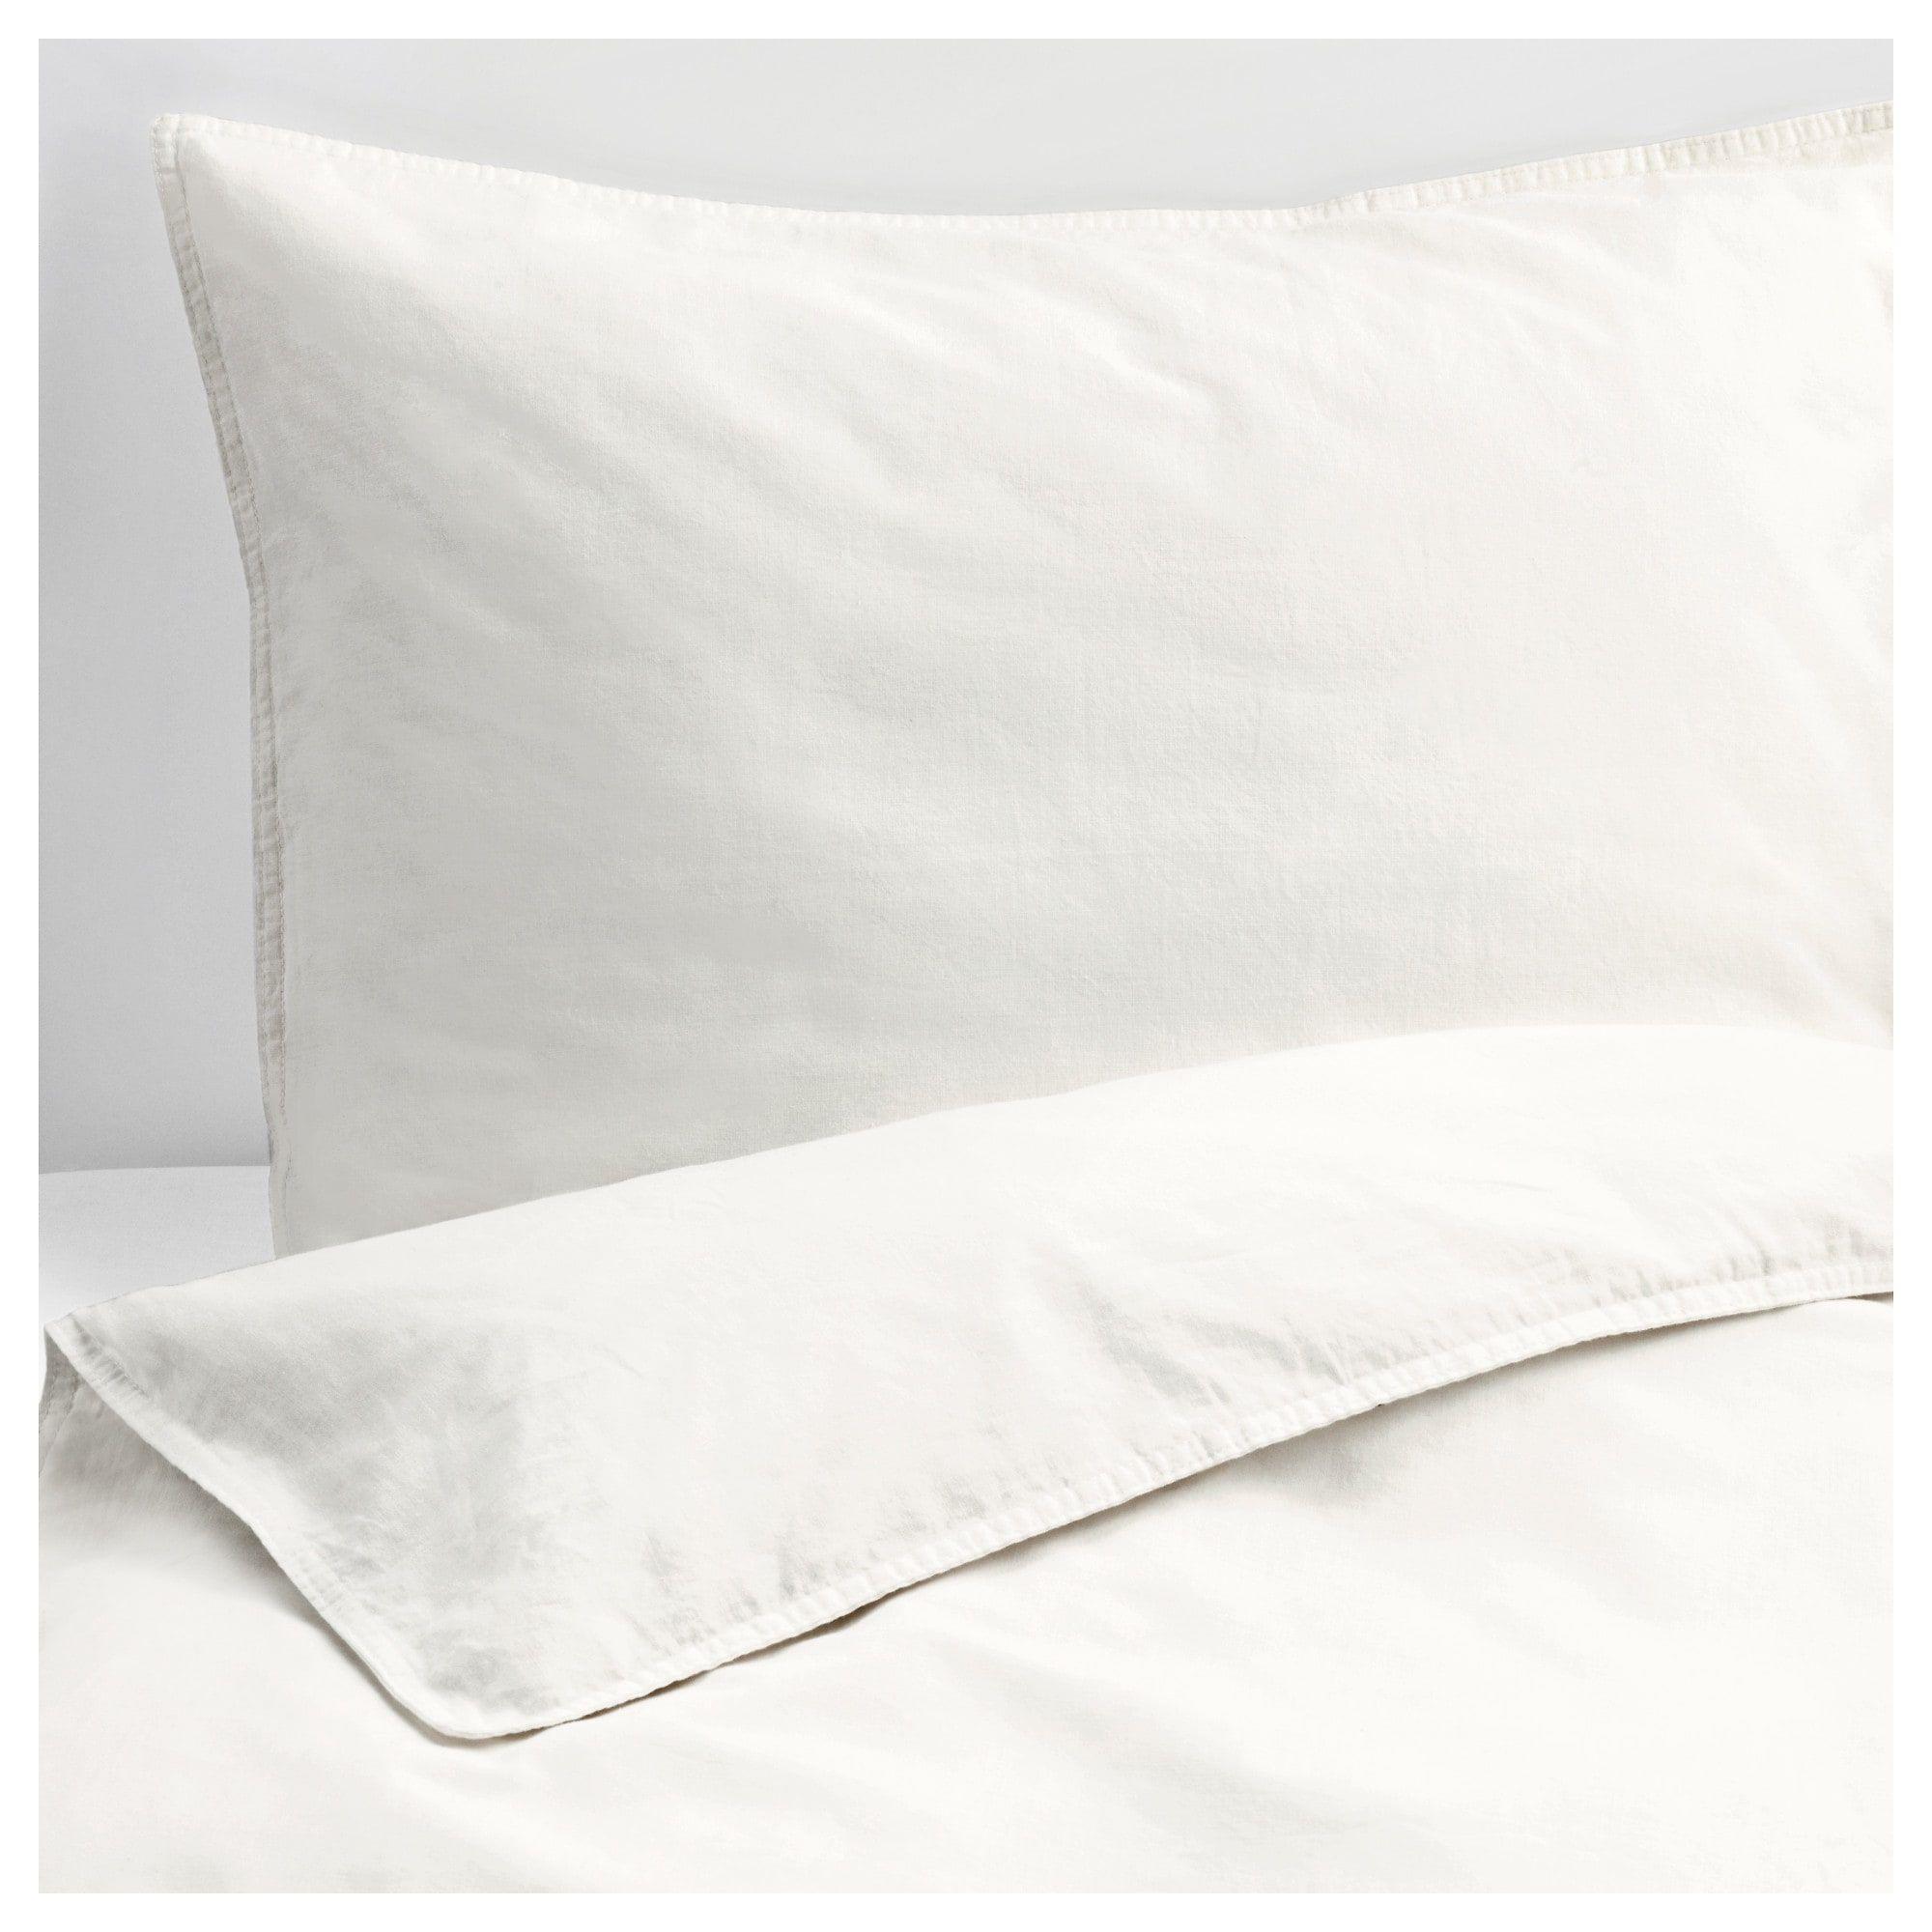 Angslilja Duvet Cover And Pillowcase S White King Ikea Bed Linens Luxury Duvet Covers Bed Linen Sets